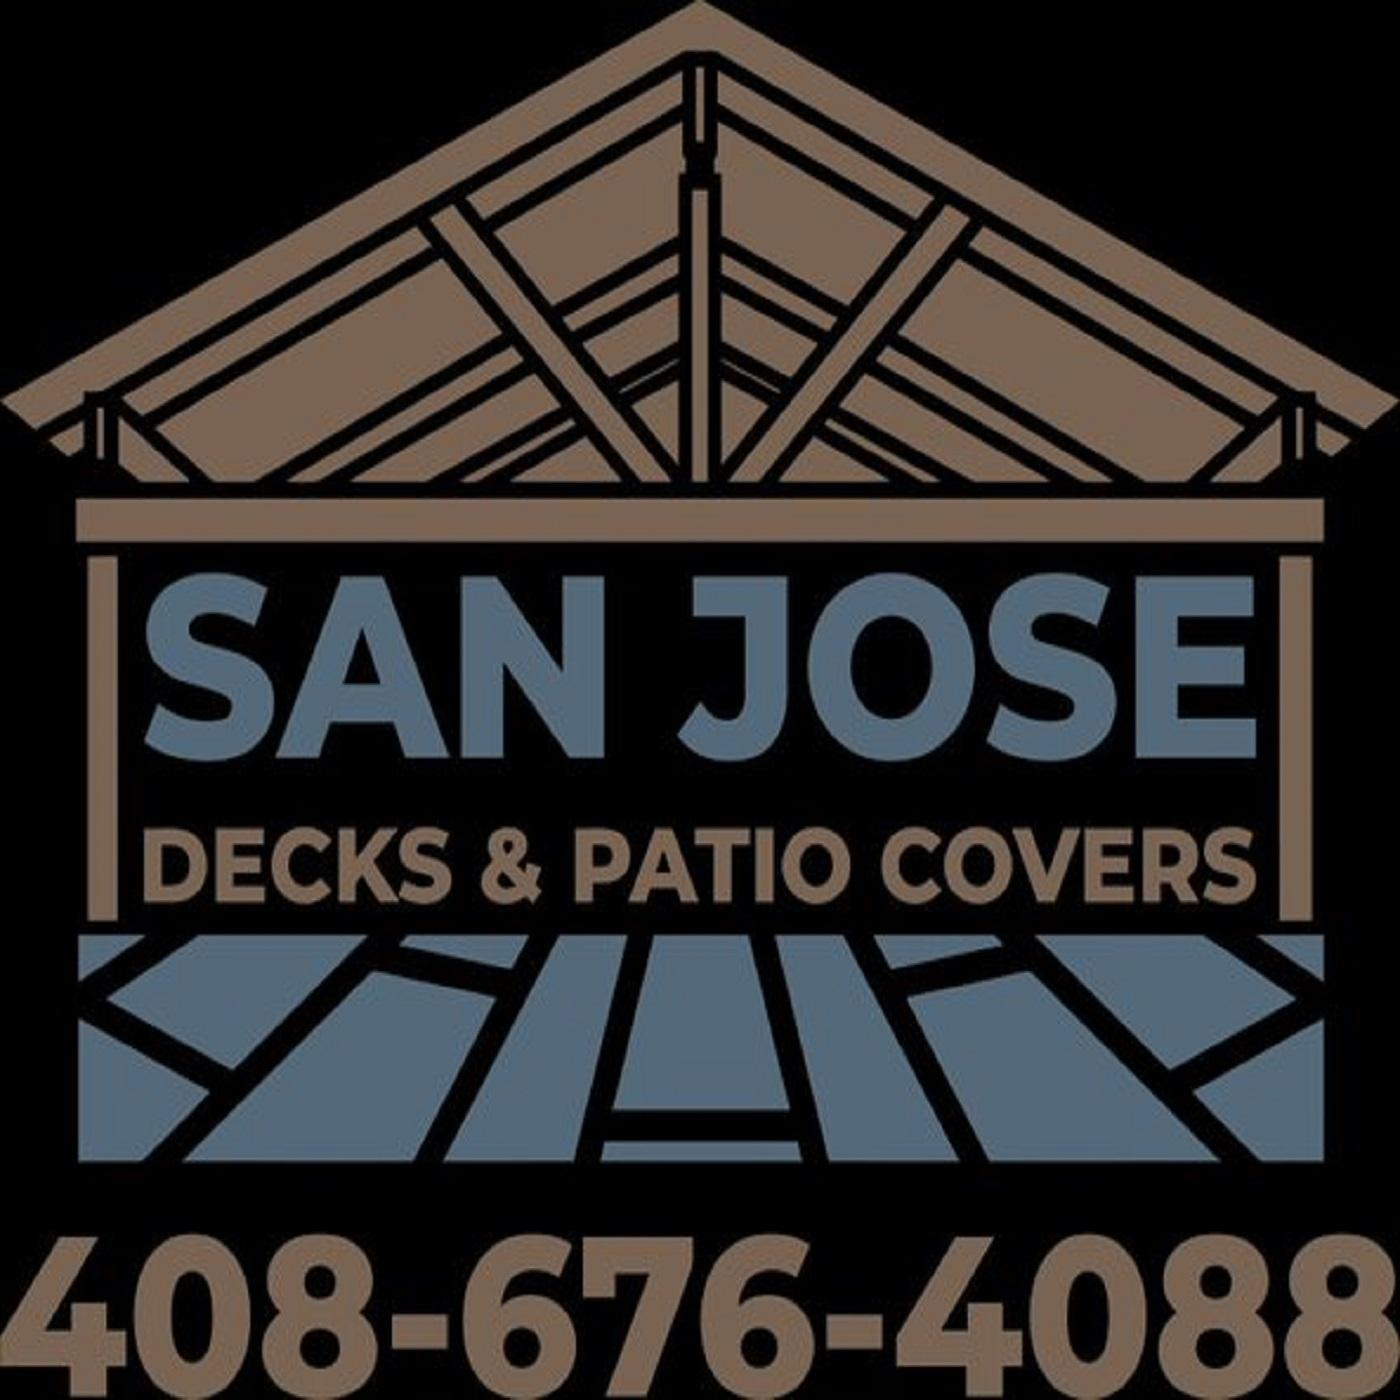 San Jose Decks & Patios